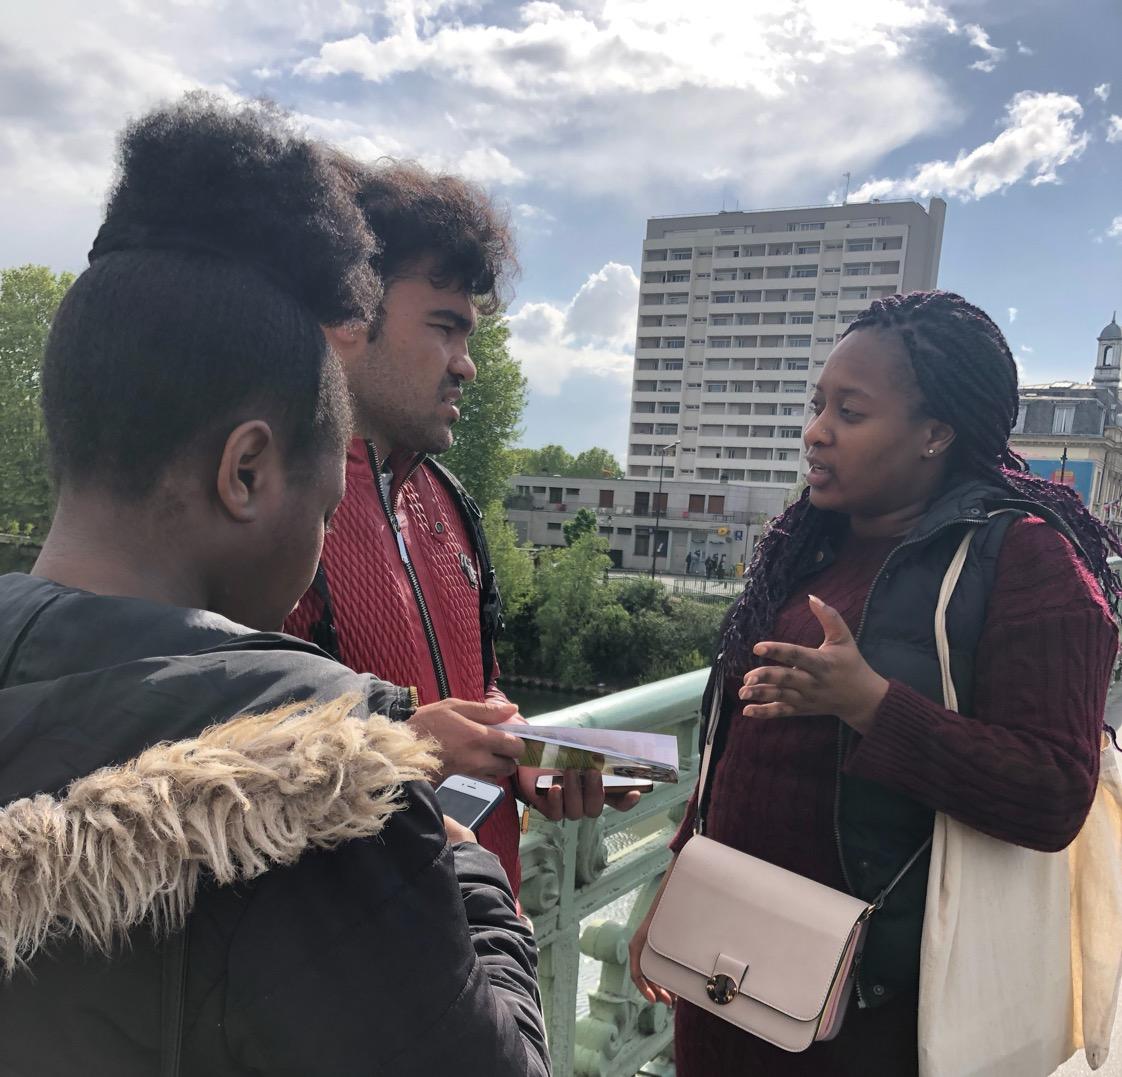 Preaching the Gospel in Paris